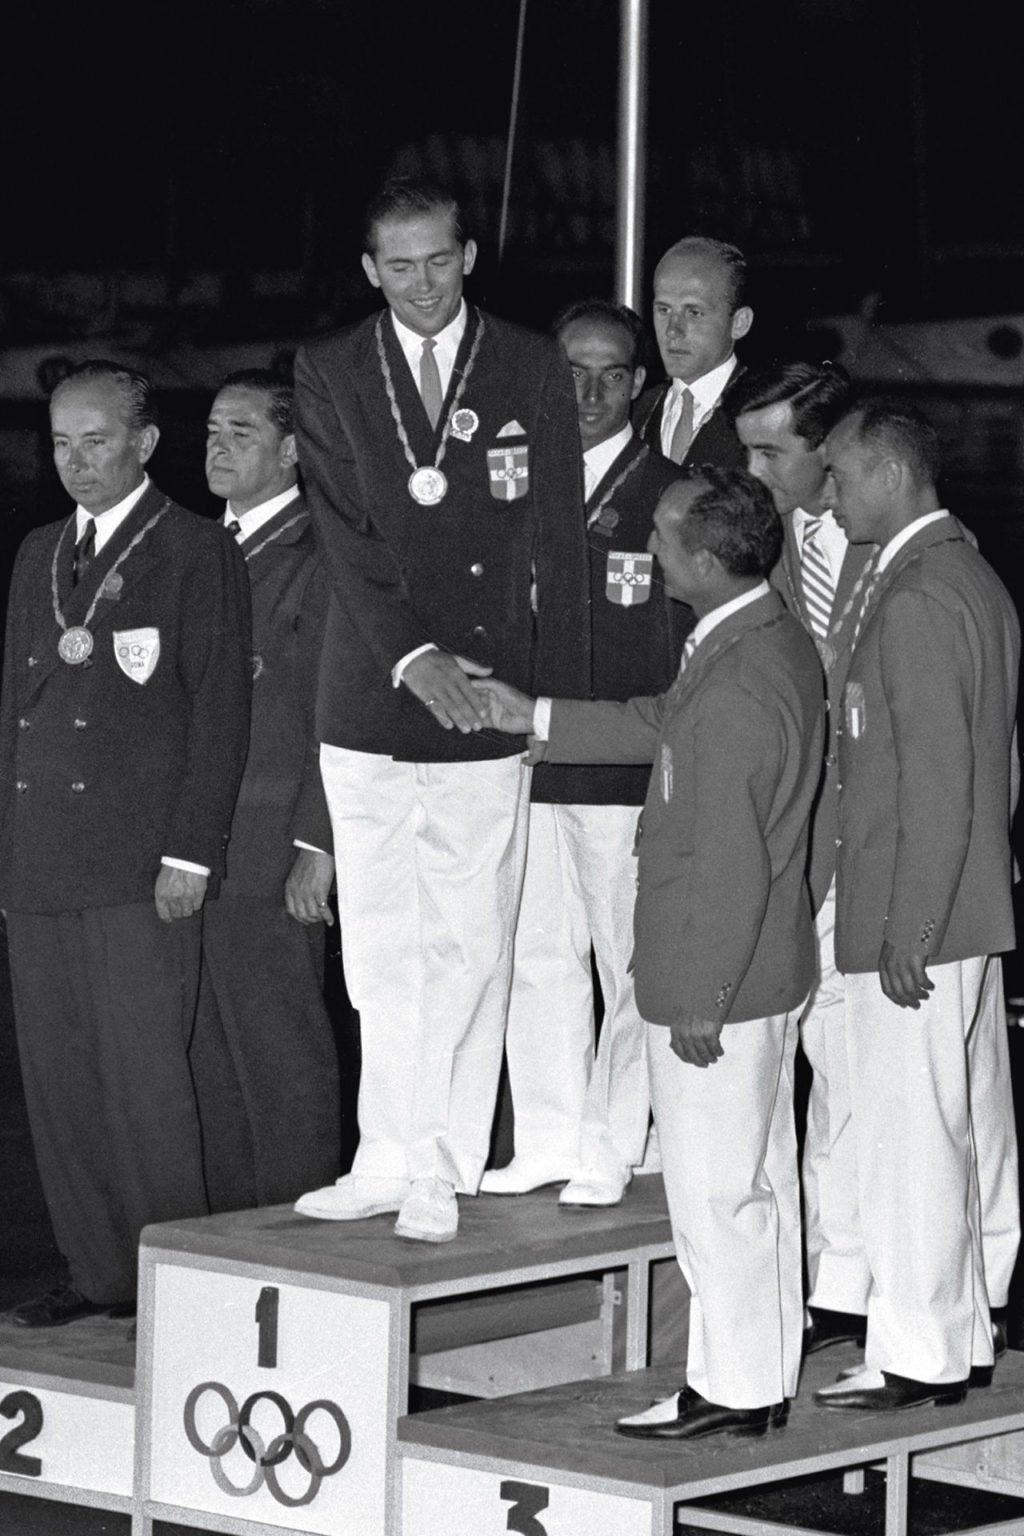 Αποτέλεσμα εικόνας για ο βασιλιας επισκεφθηκε την ολυμπια